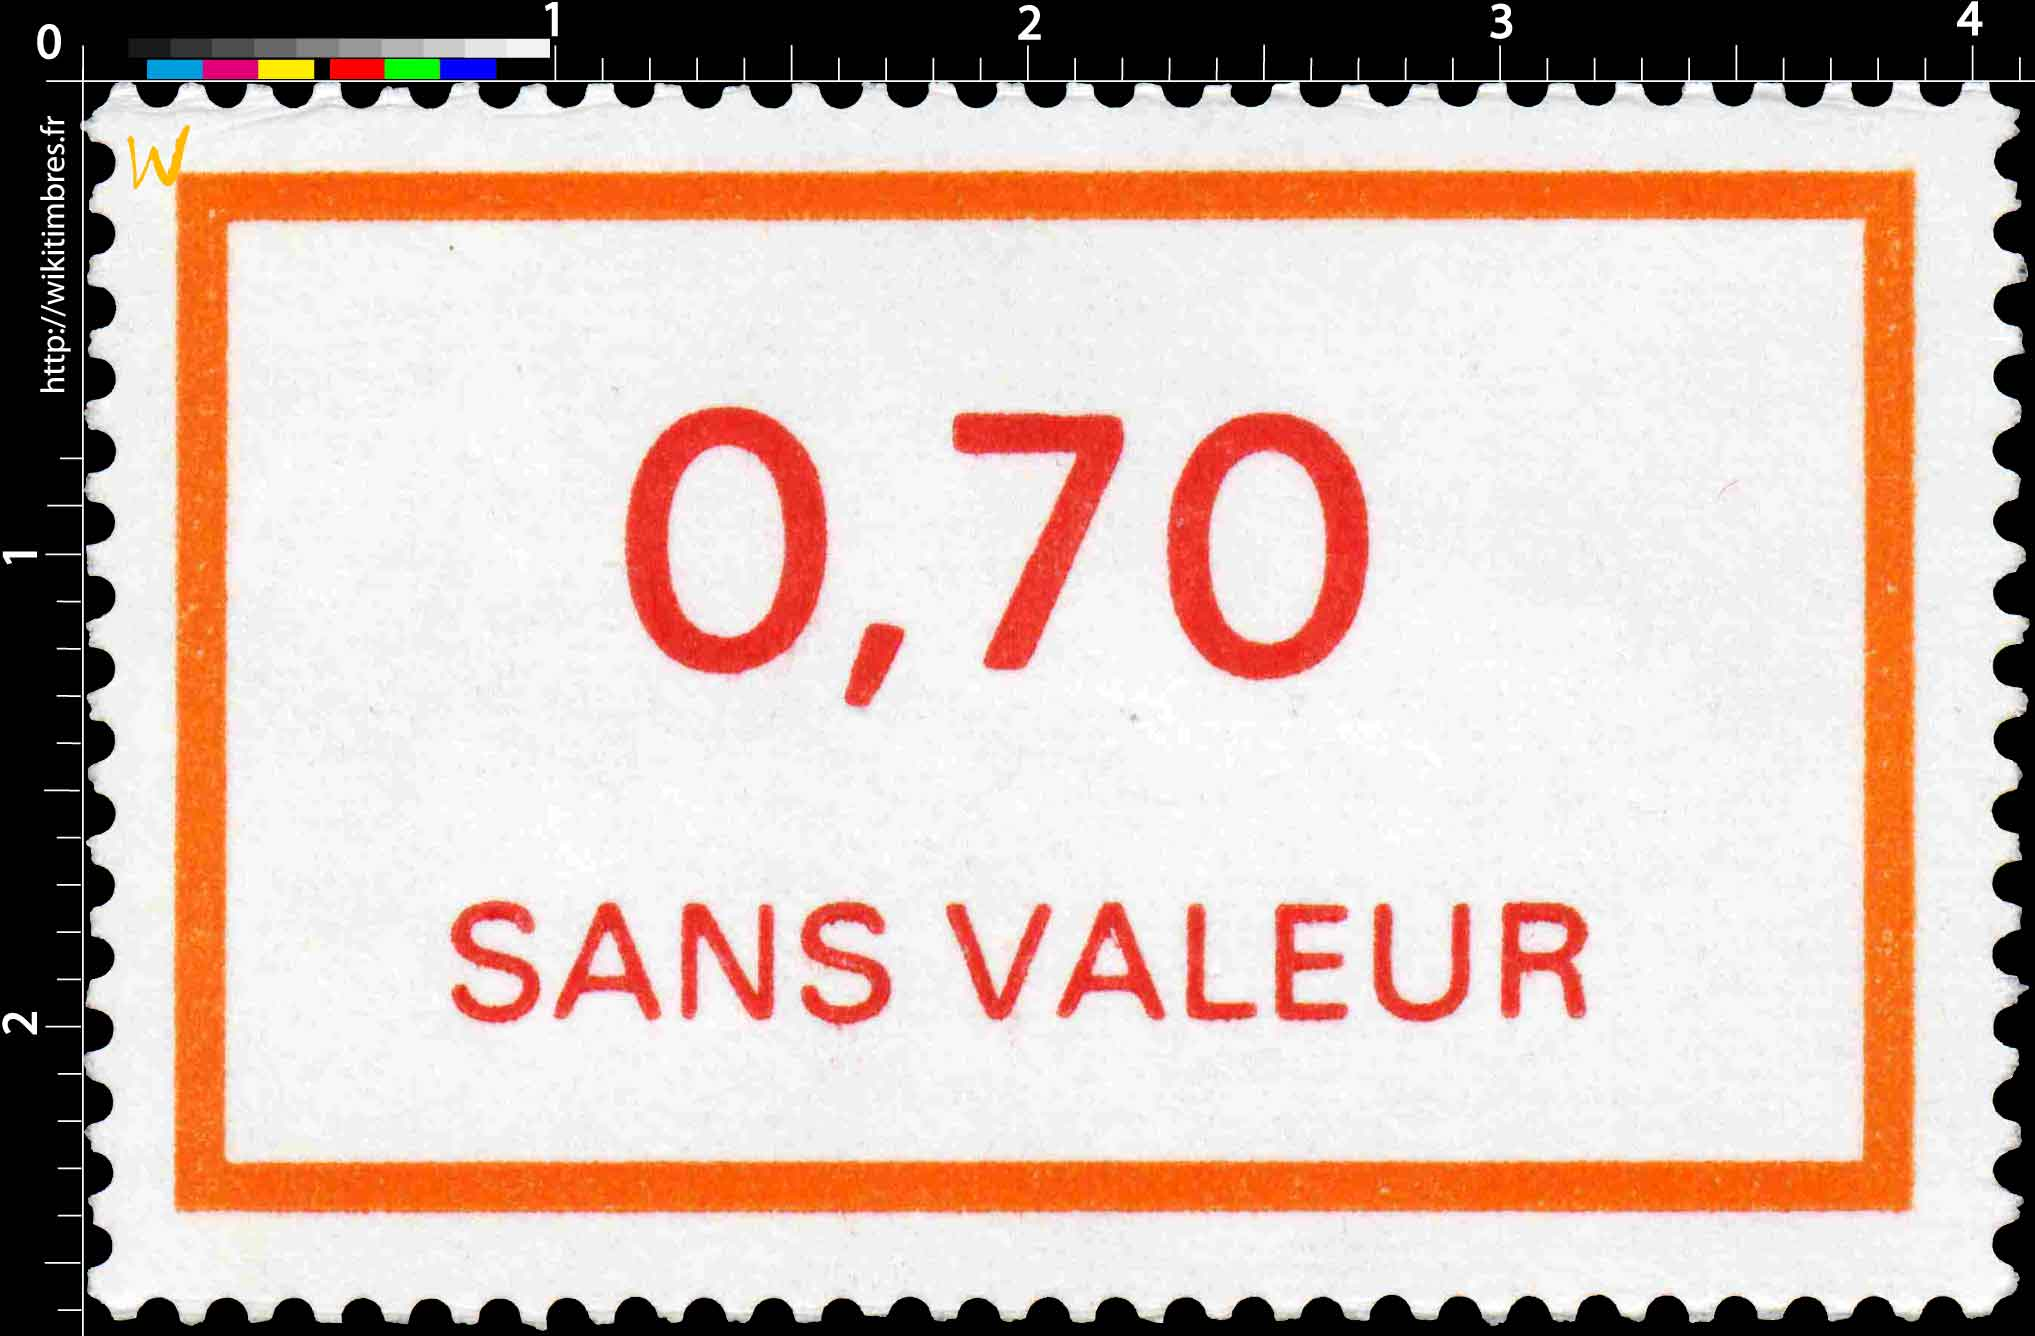 SANS VALEUR